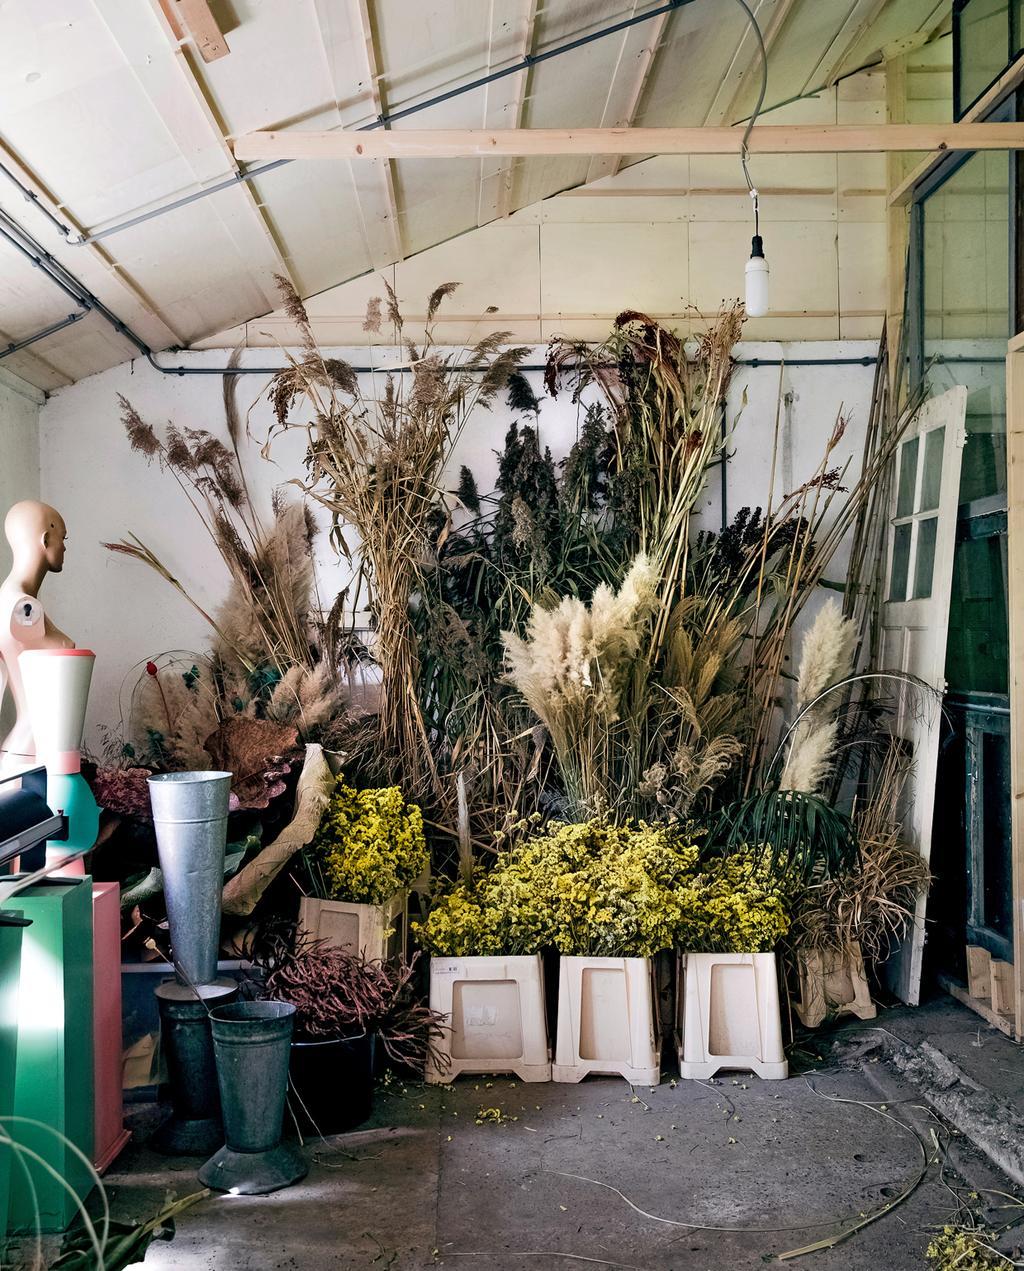 vtwonen 8-2019 | Ambacht Mariette & Denise zelfgekweekte biologische bloemen | voorraad bloemen gedroogd